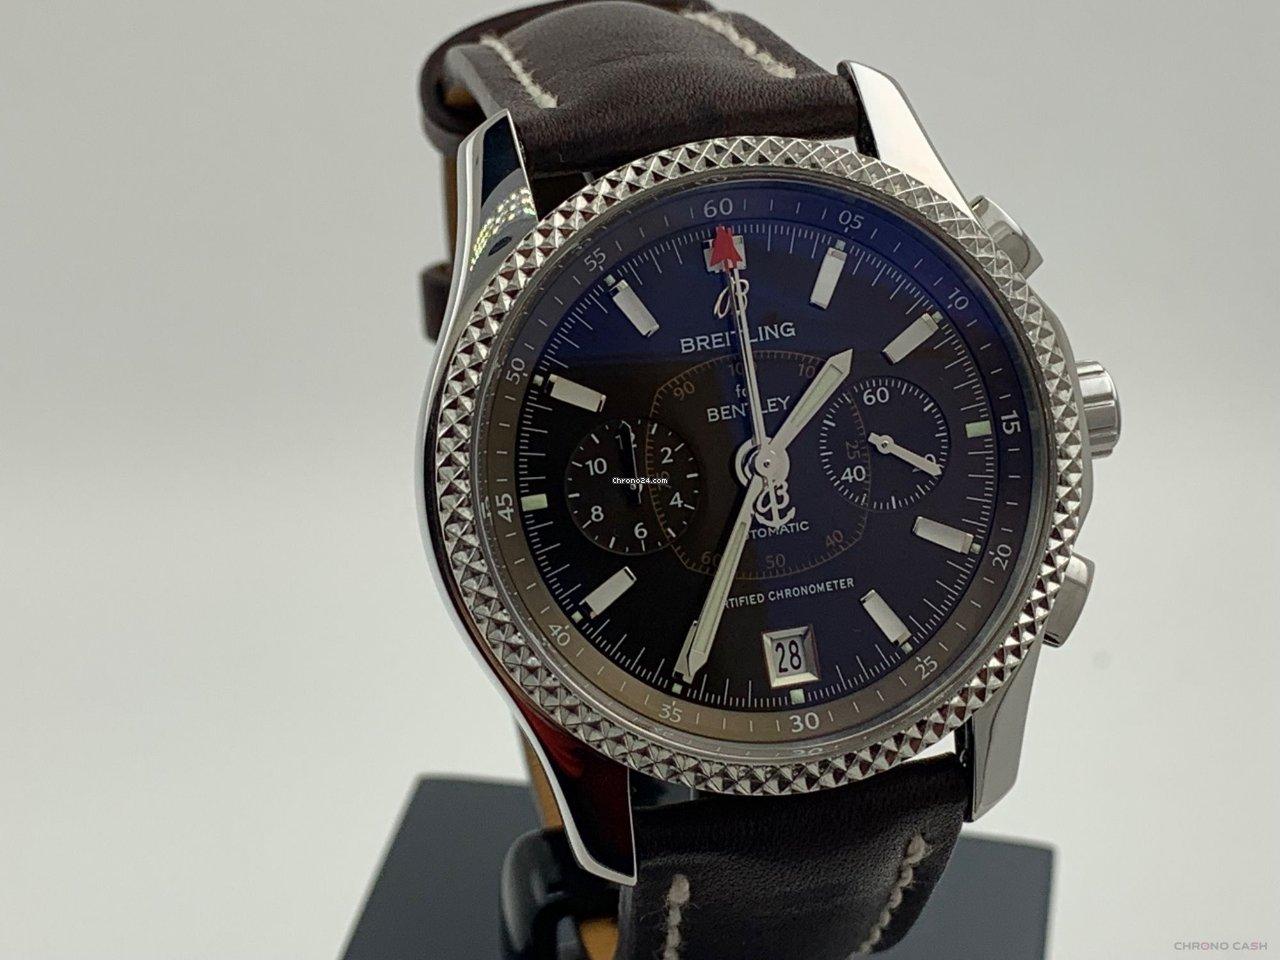 c00c555998e Breitling Bentley Mark VI - Todos os preços de relógios Breitling Bentley  Mark VI na Chrono24